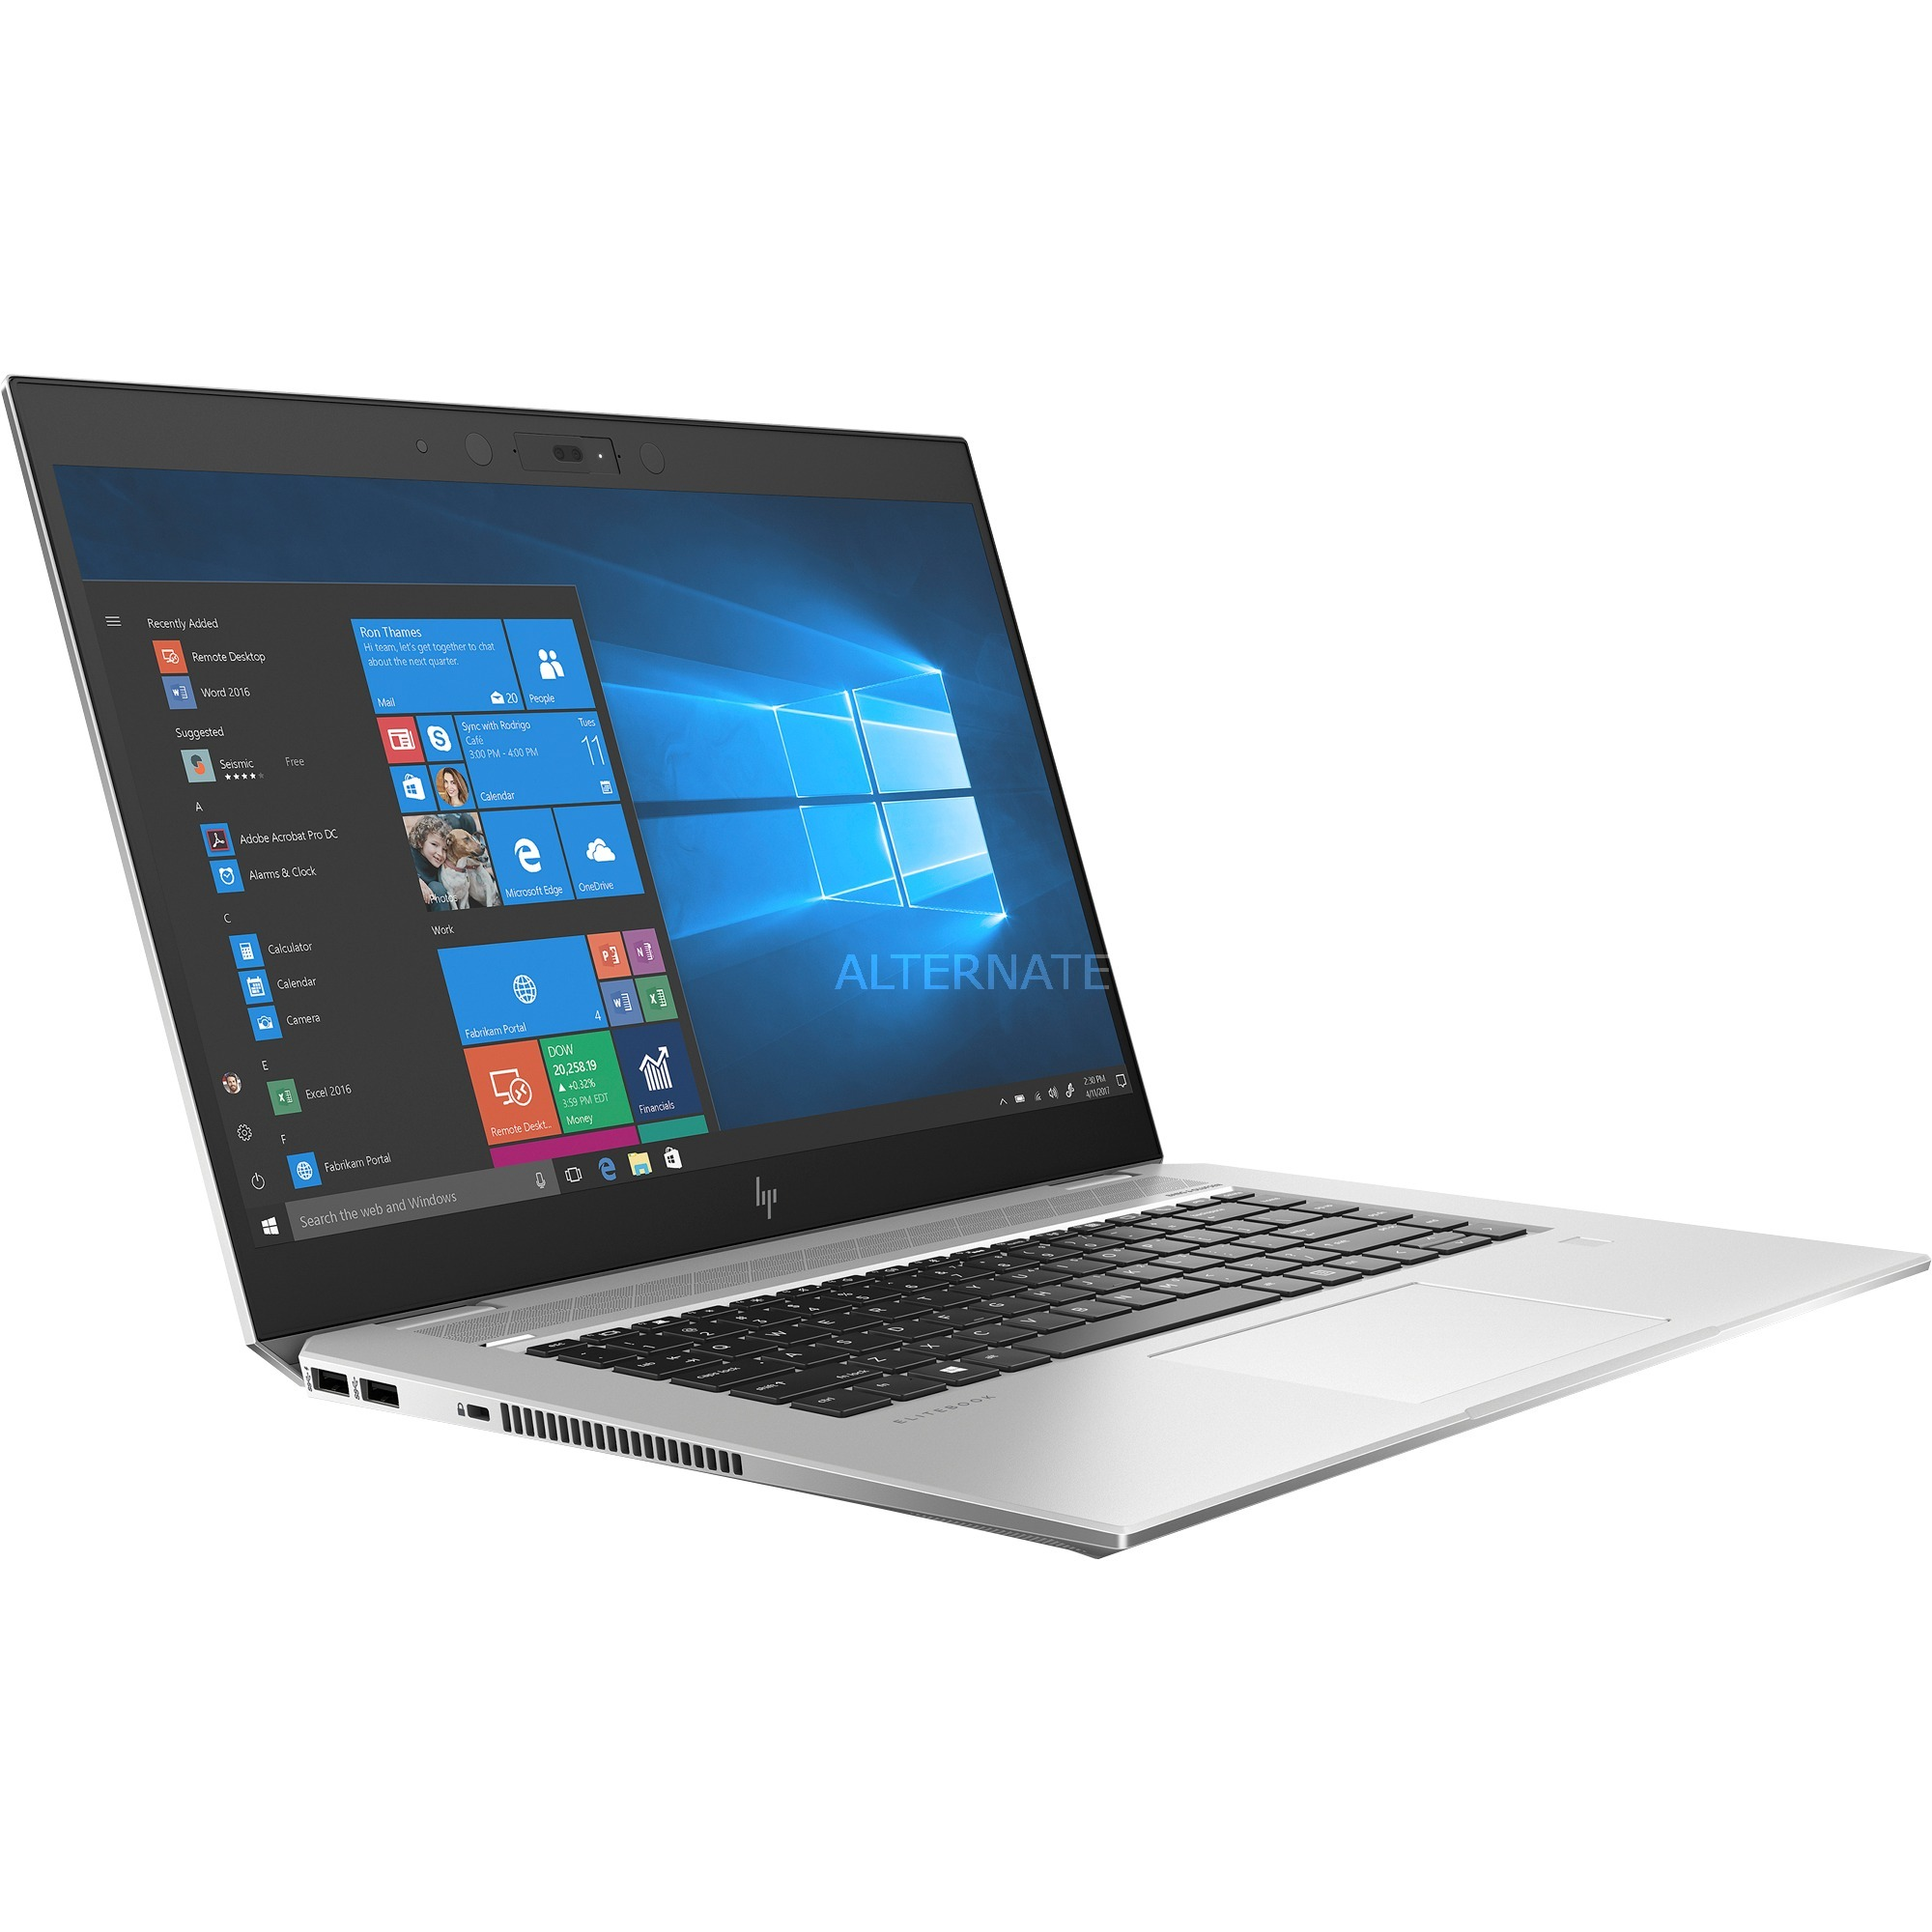 HP EliteBook 1050 G1 (5SQ99EA),Notebook + Intel Total War: Three Kingdoms Bundle (Code einlösbar bis 31.10.2019)-Spiel (silber)